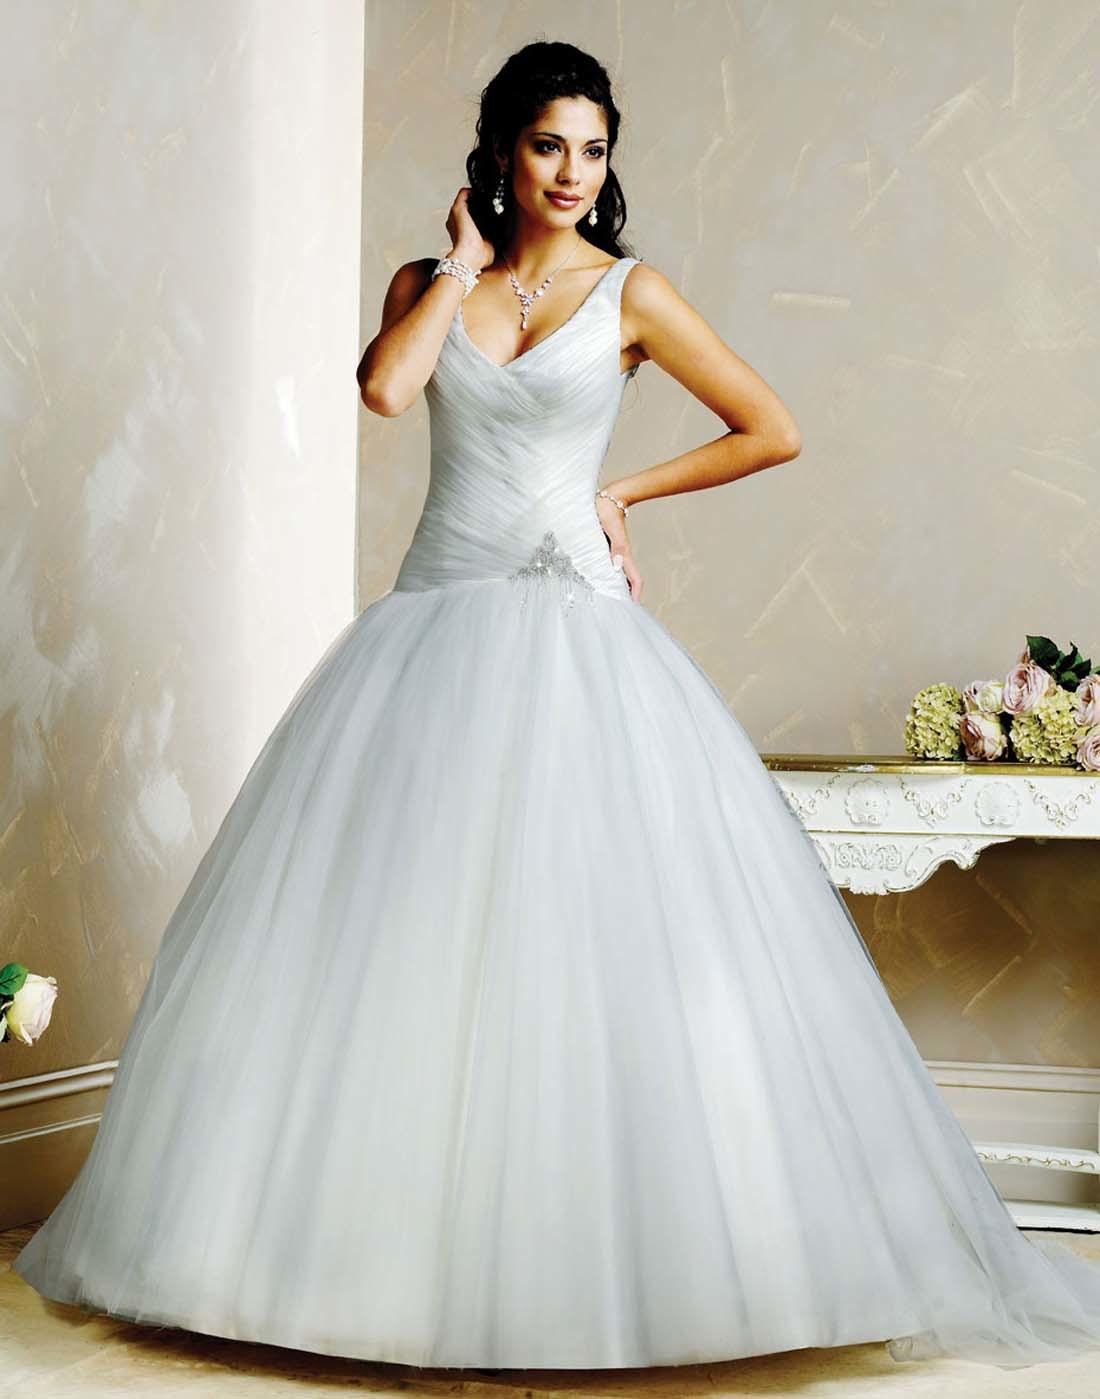 New Wedding Dresses Flower Girl Dresses